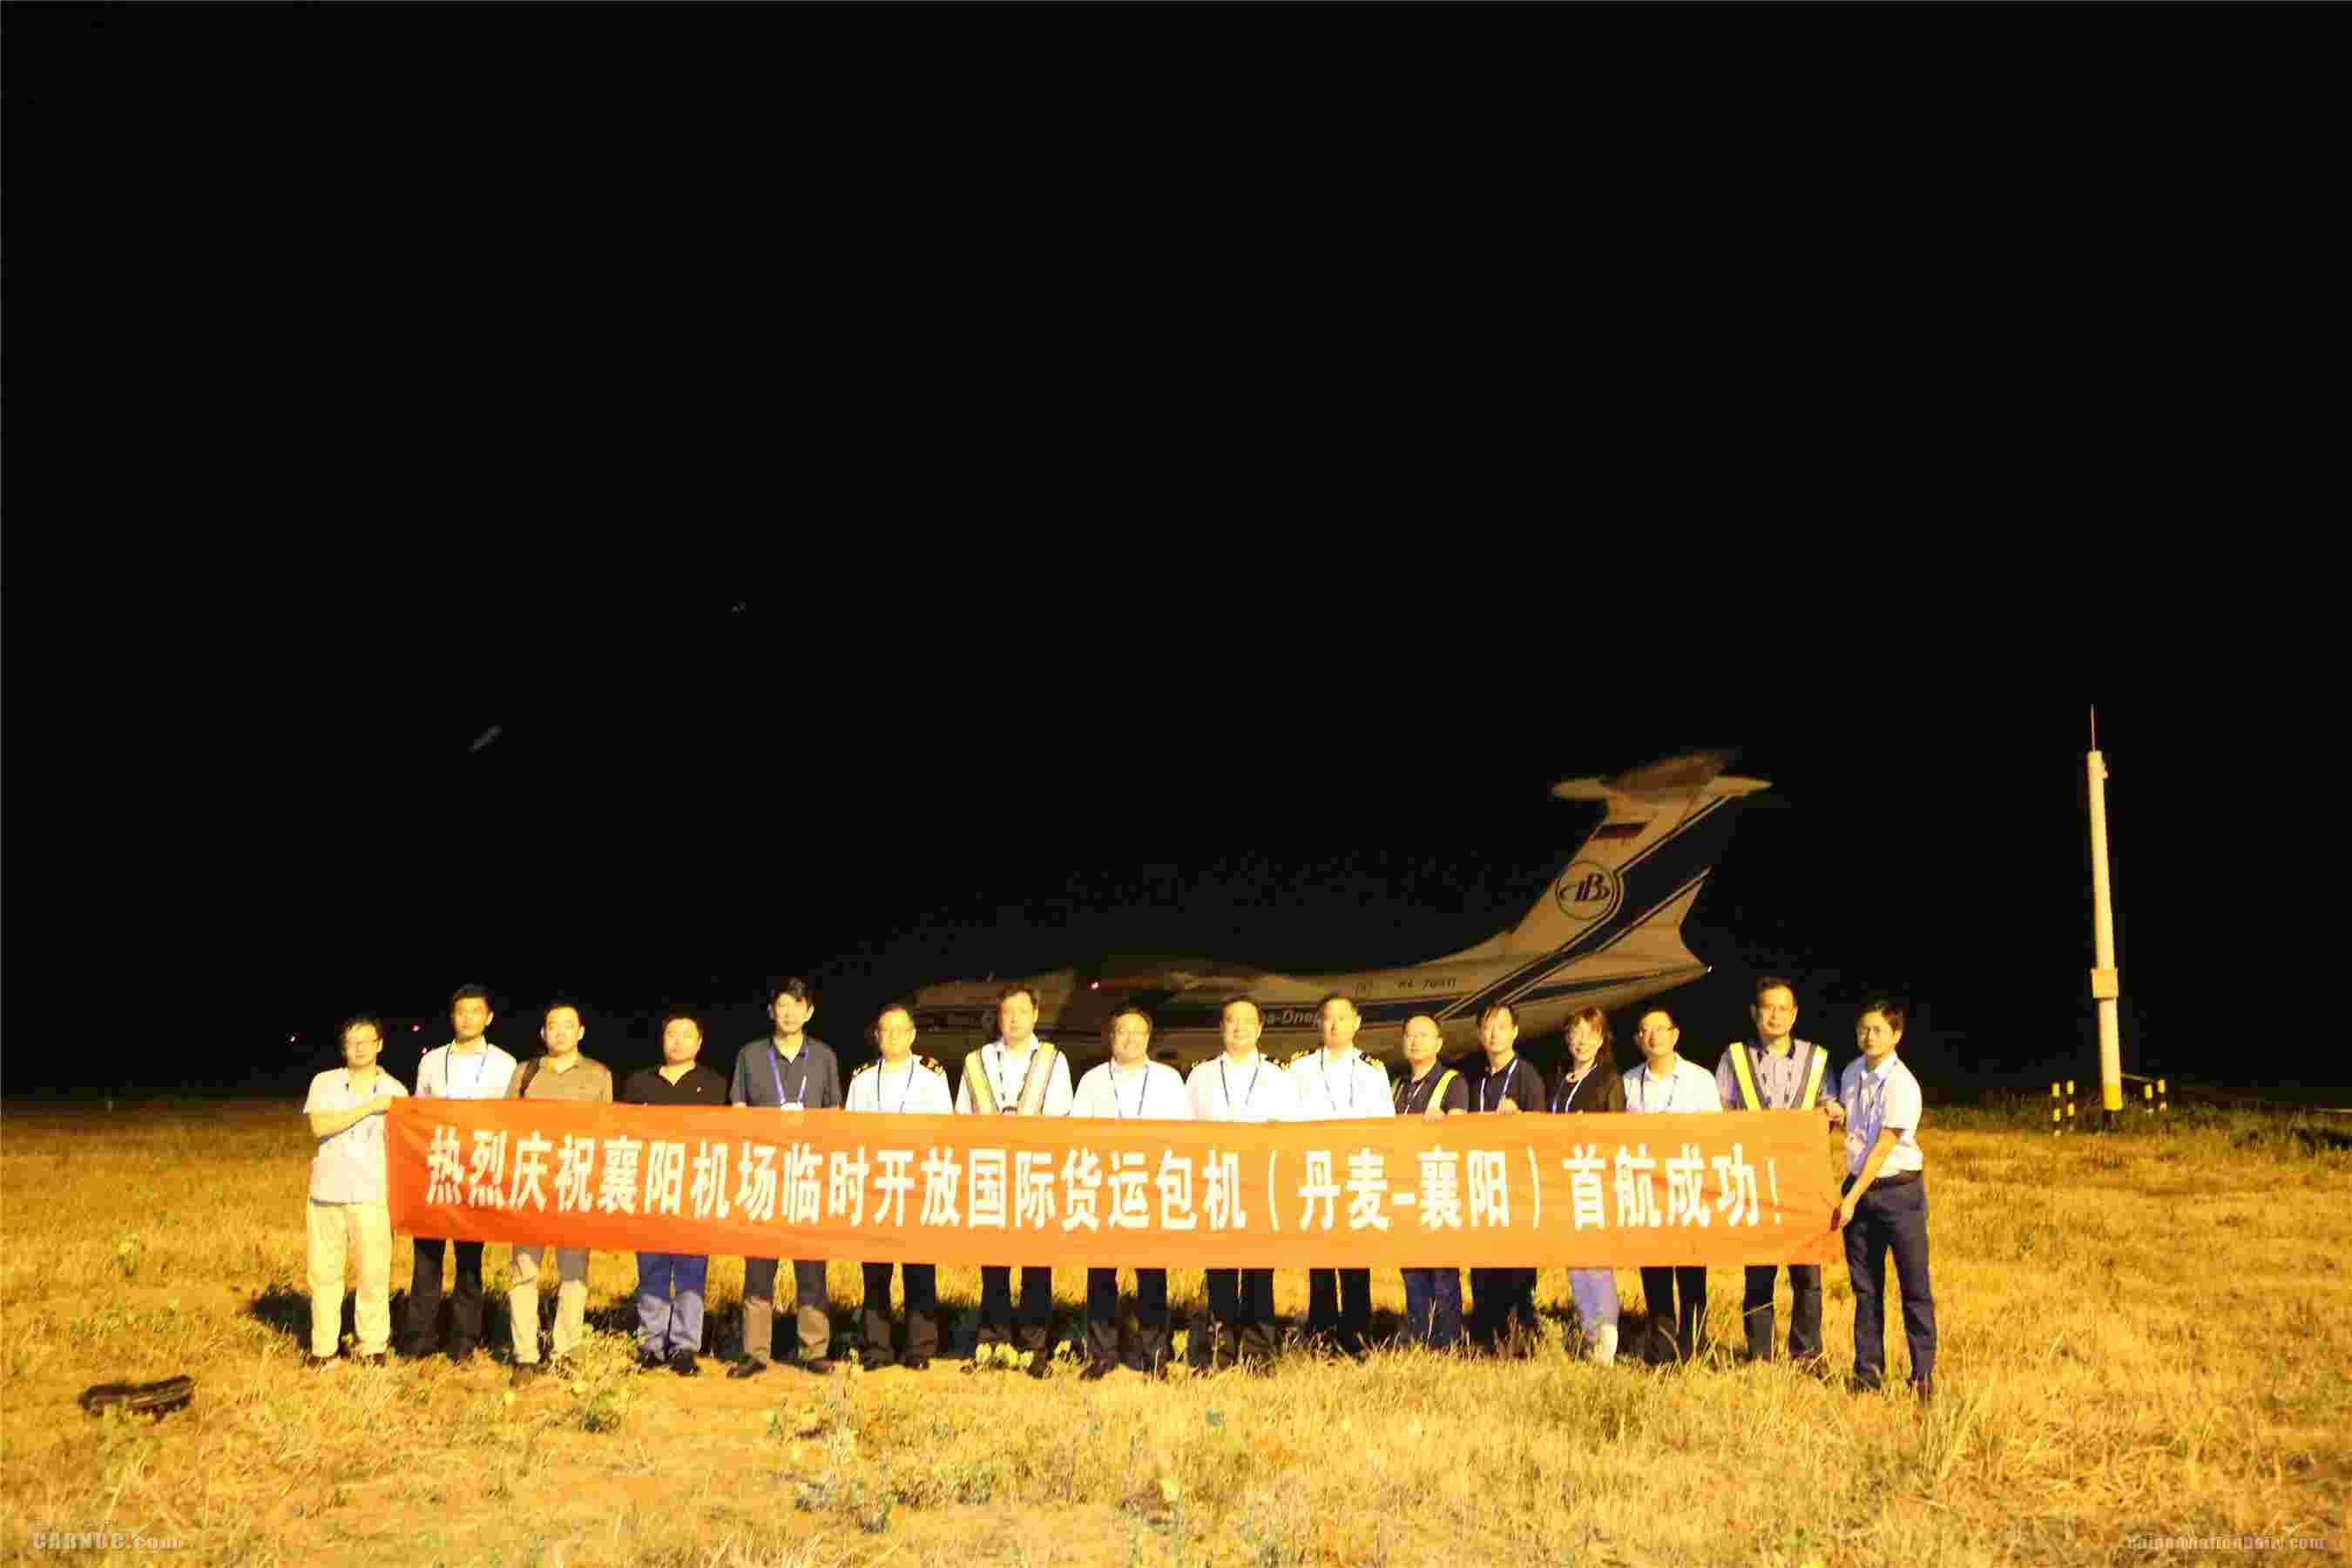 暑运落幕襄阳机场旅客吞吐量超37万人次